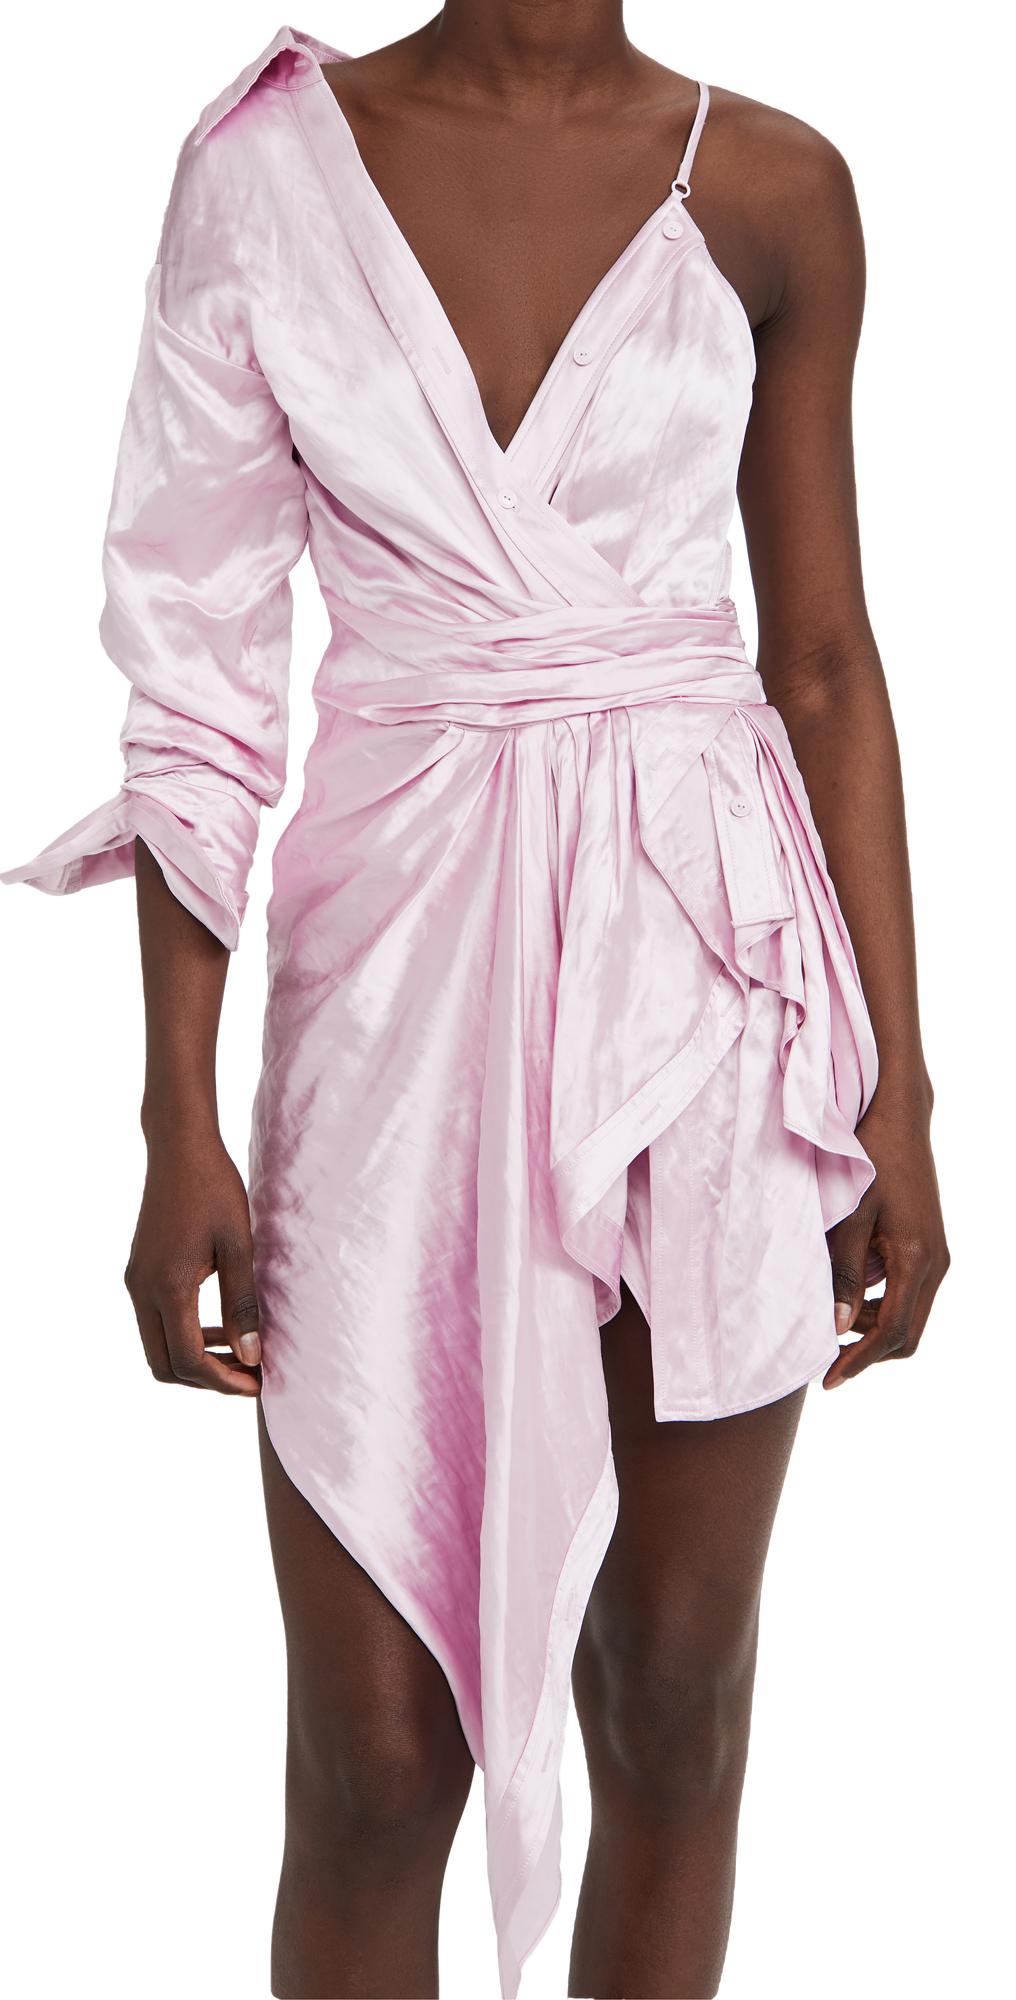 Alexander Wang Dresses ASYMMETRIC DRESS WITH SHARP COLLAR